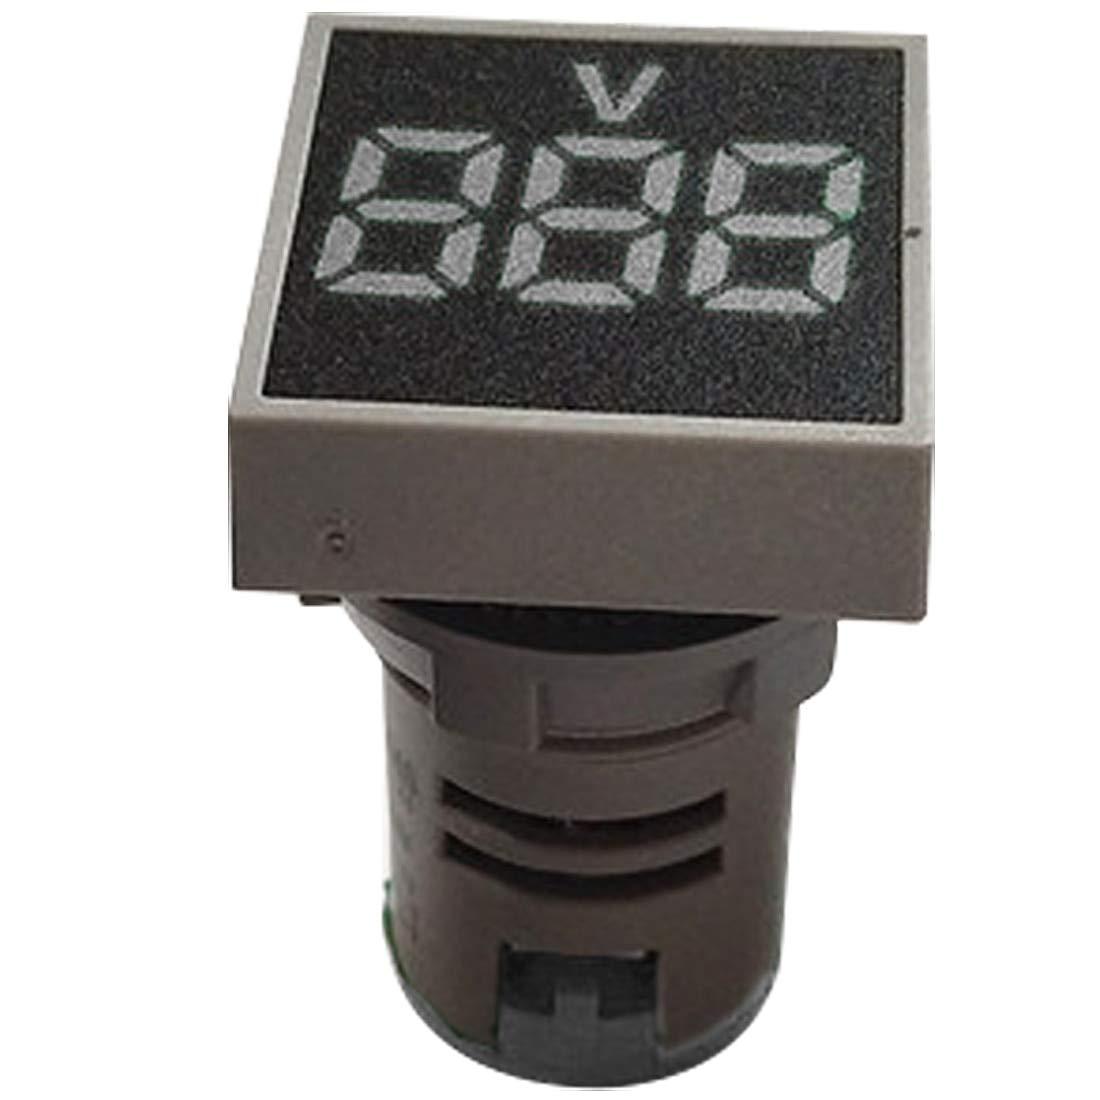 Voltm/ètre Panneau Carr/é Mini LED Tension Num/érique Compteur AC 12-500V Num/érique Voltm/ètre 22MM